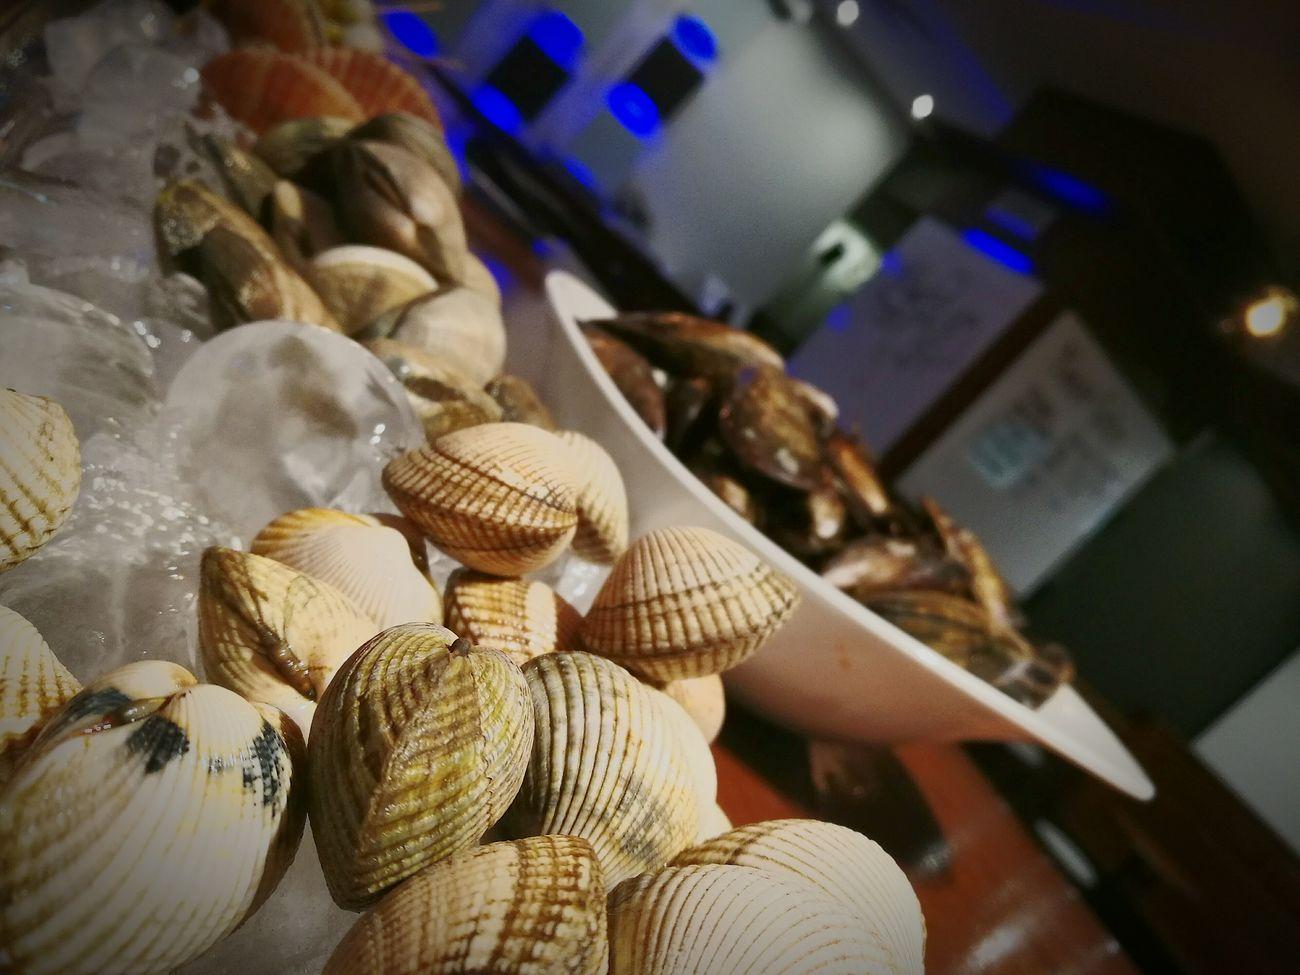 El mejor marisco, la mejor comida! Indoors  Close-up No People Day First Eyeem Photo Good Food Marisco Comida(: